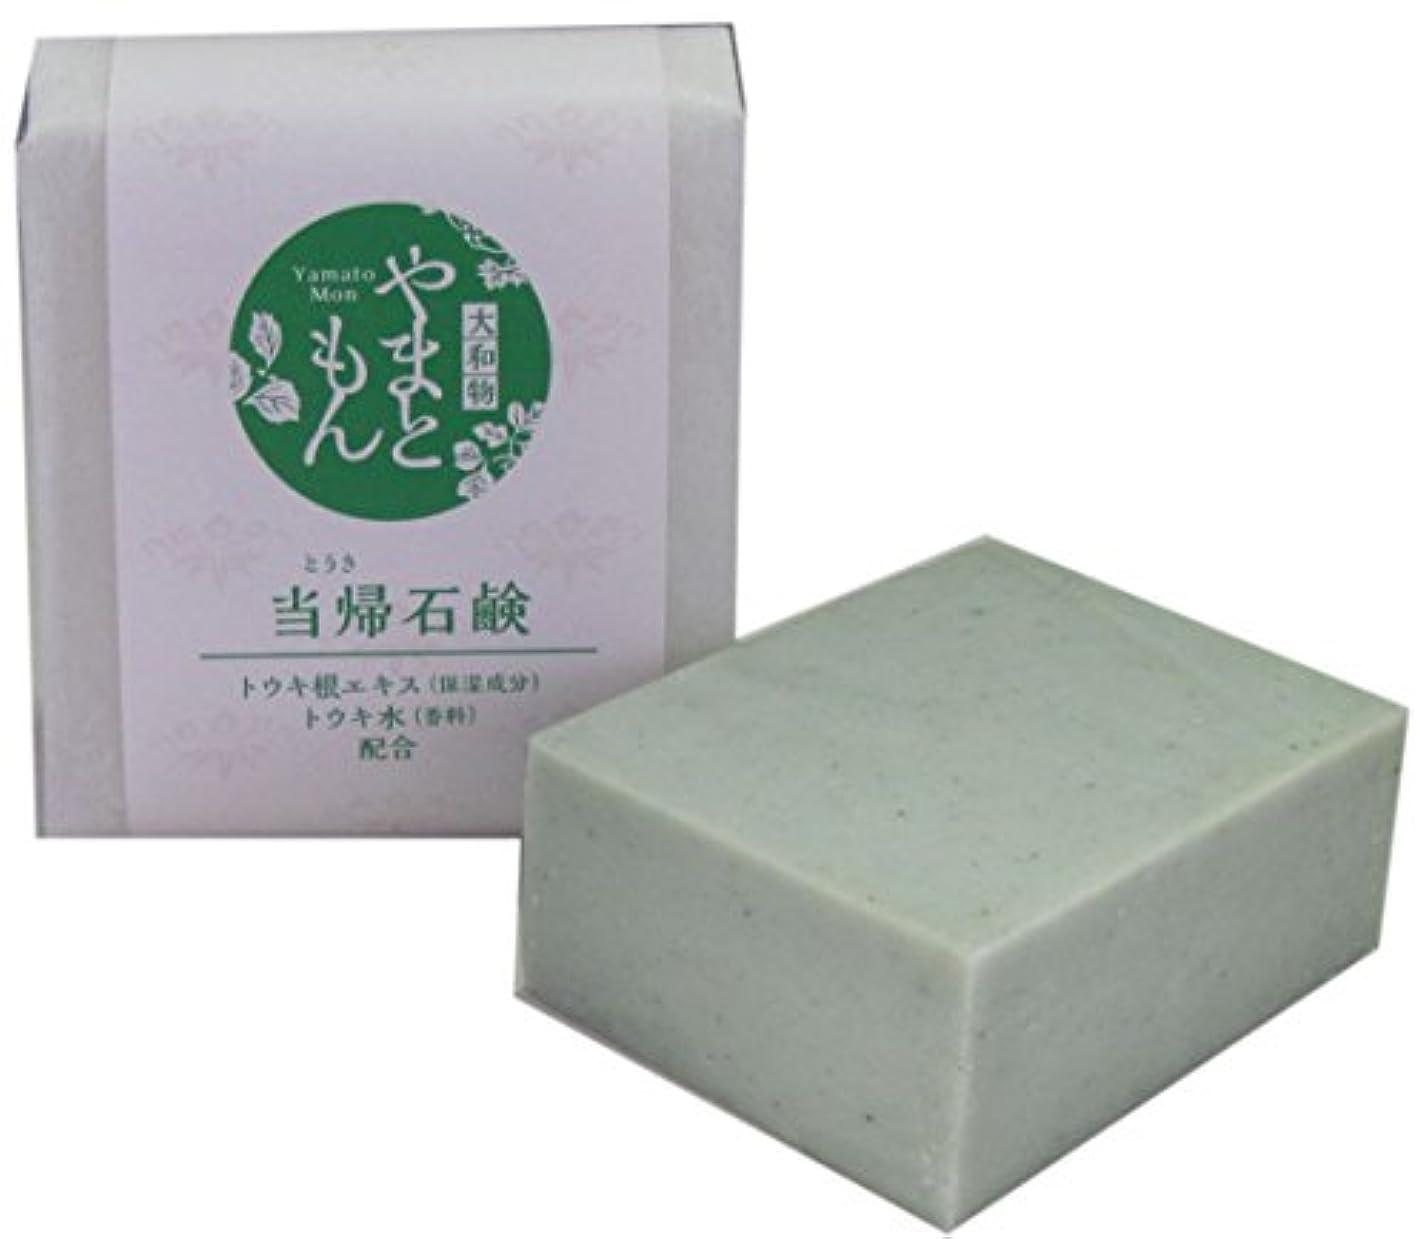 海峡肥沃なウイルス奈良産和漢生薬エキス使用やまともん化粧品 当帰石鹸(とうきせっけん」)